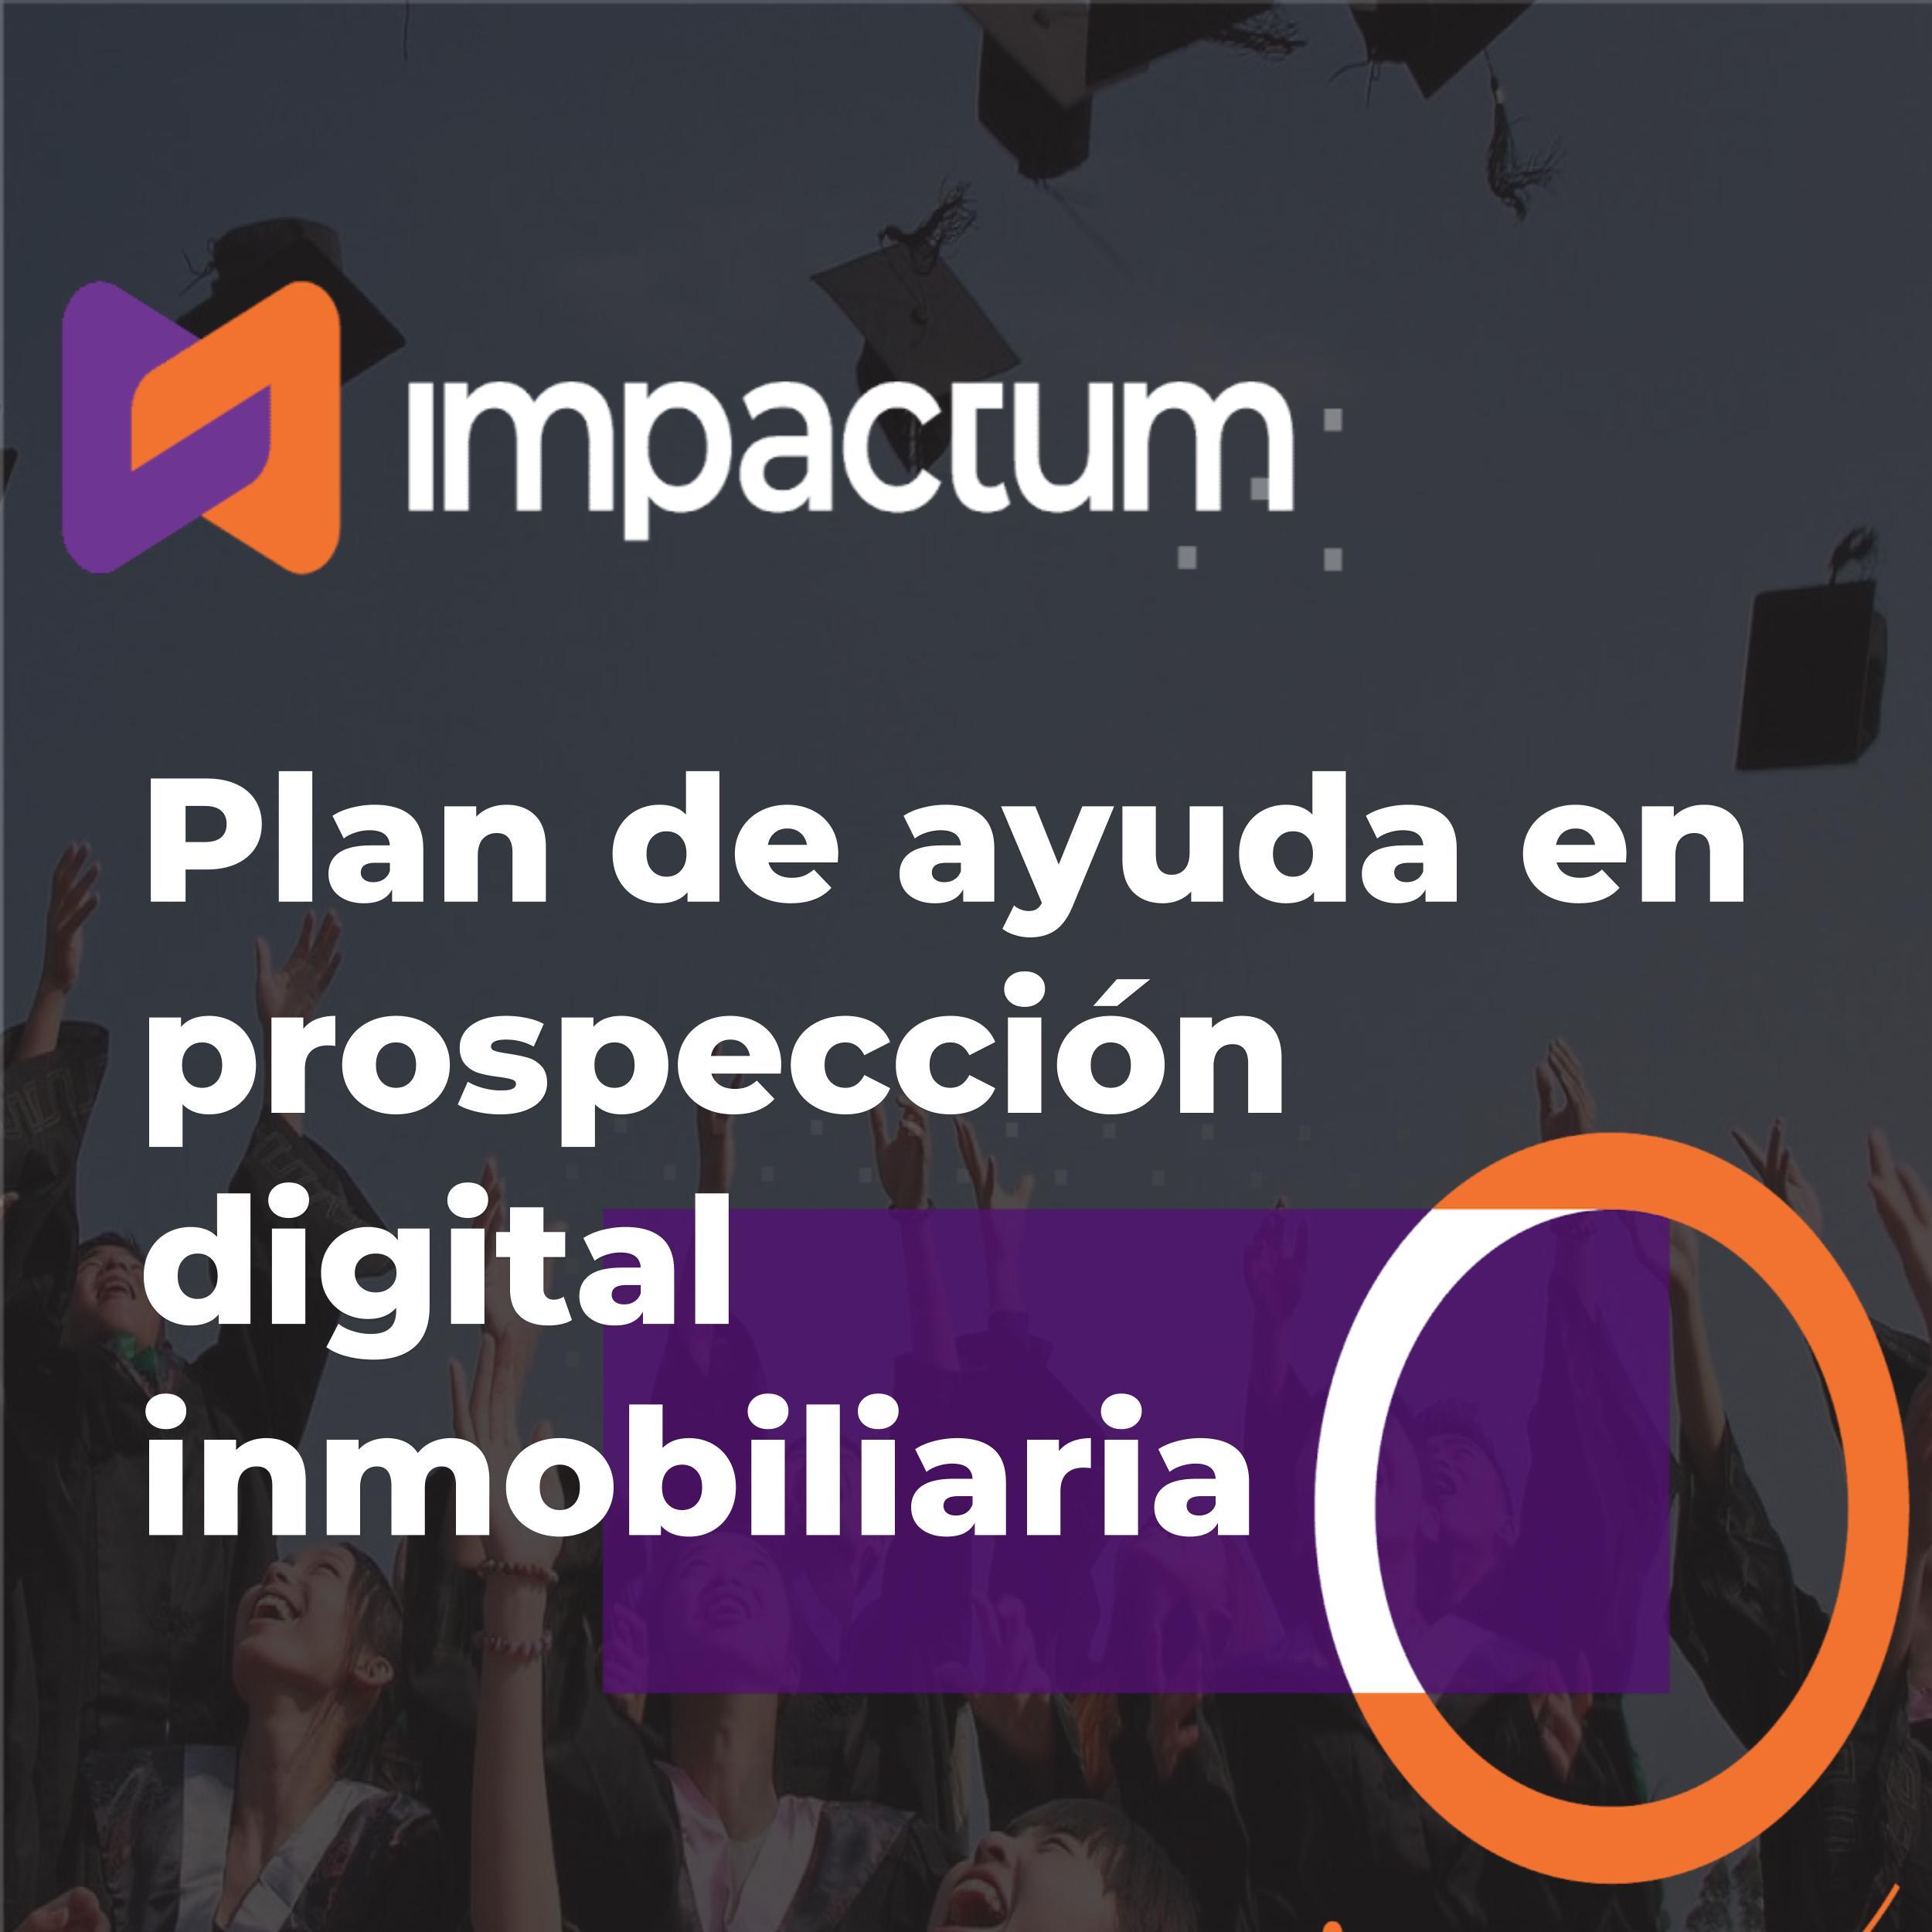 Plan de ayuda en prospección digital inmobiliaria